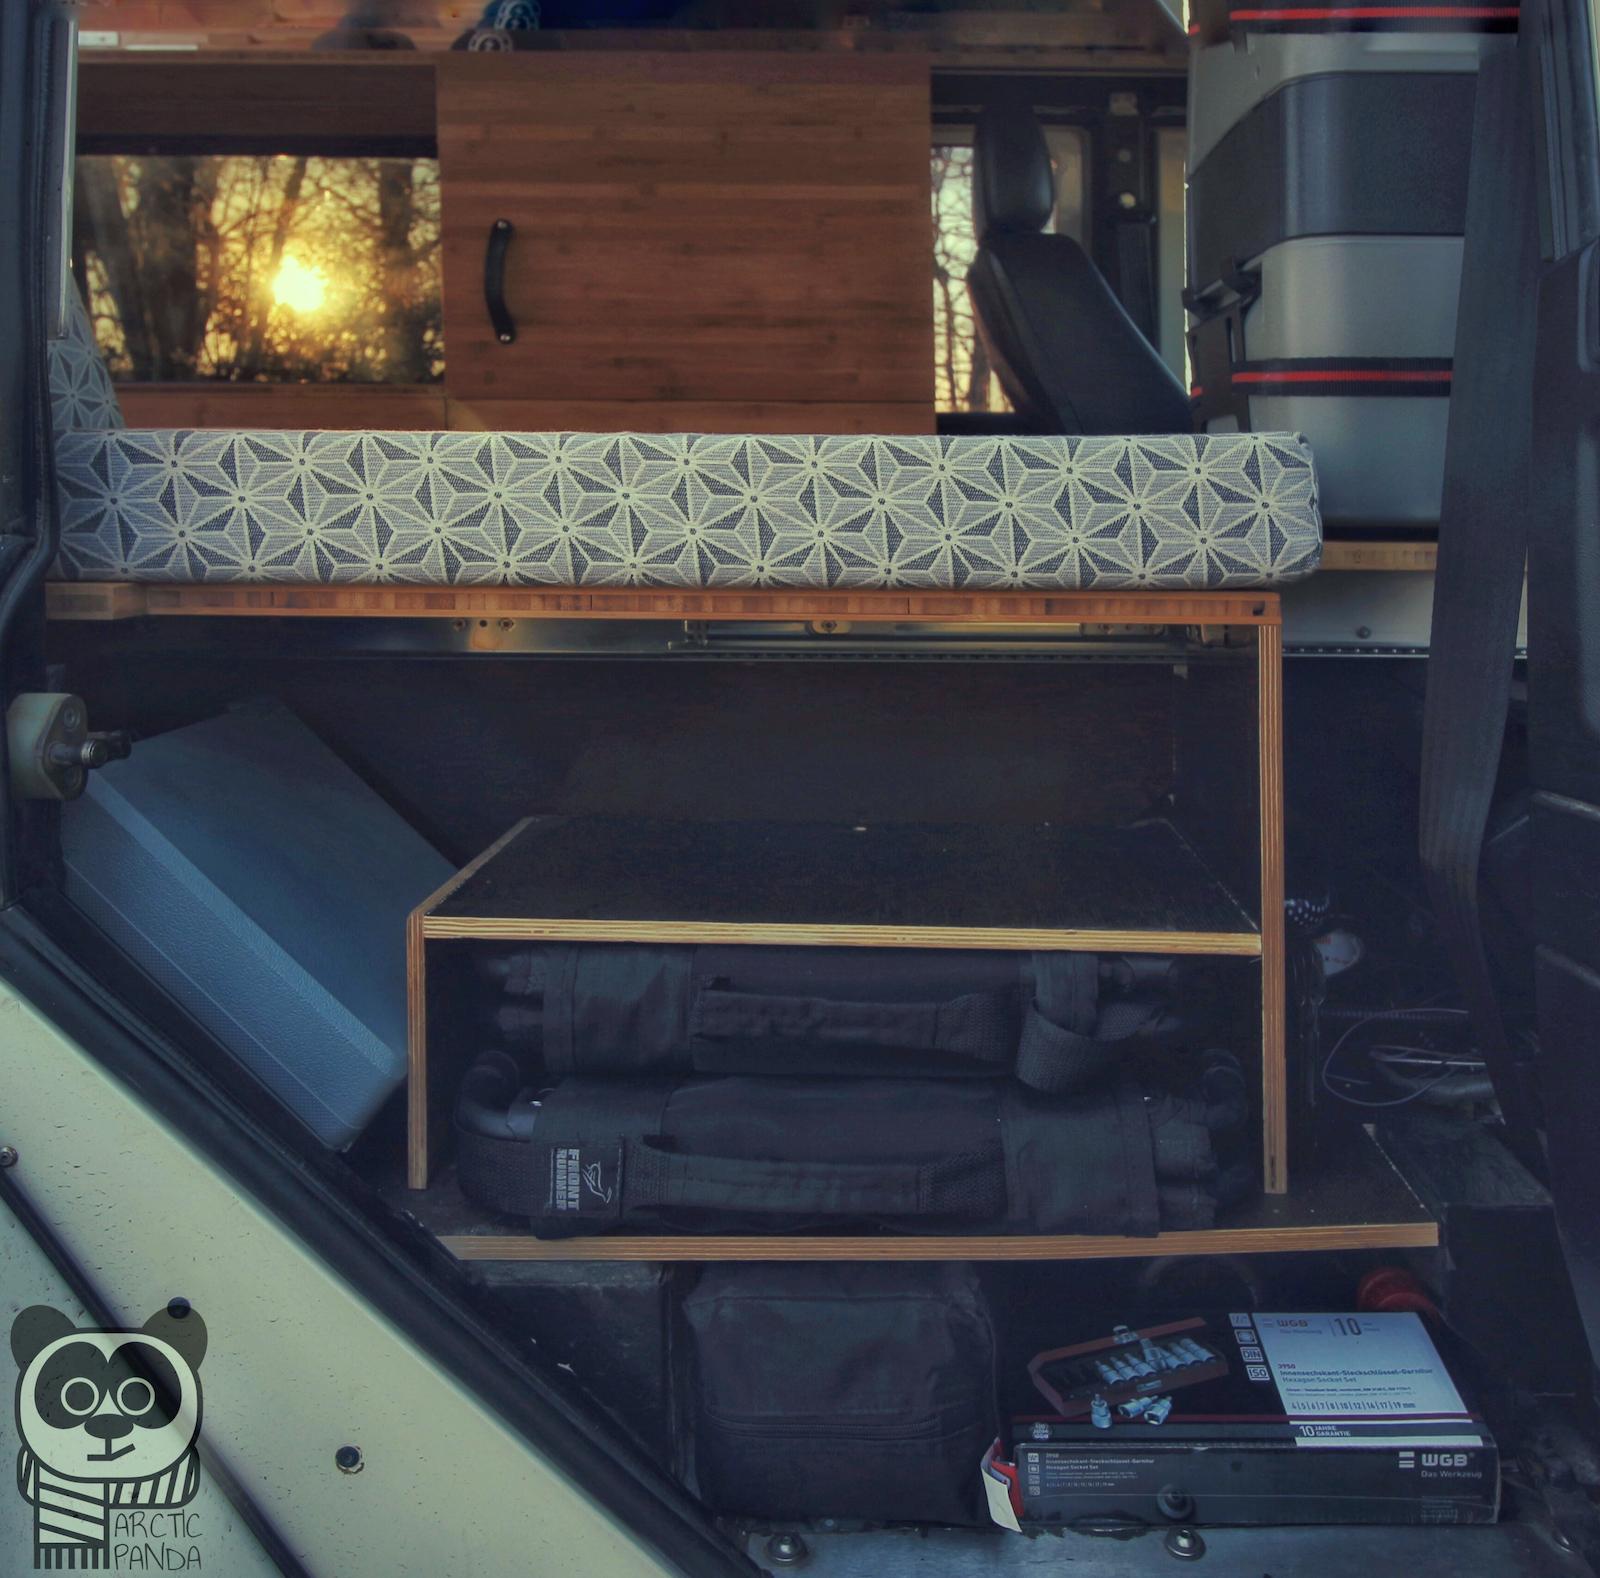 Angepasste Staufächer für Campingstühle, -tisch und Sonstiges.